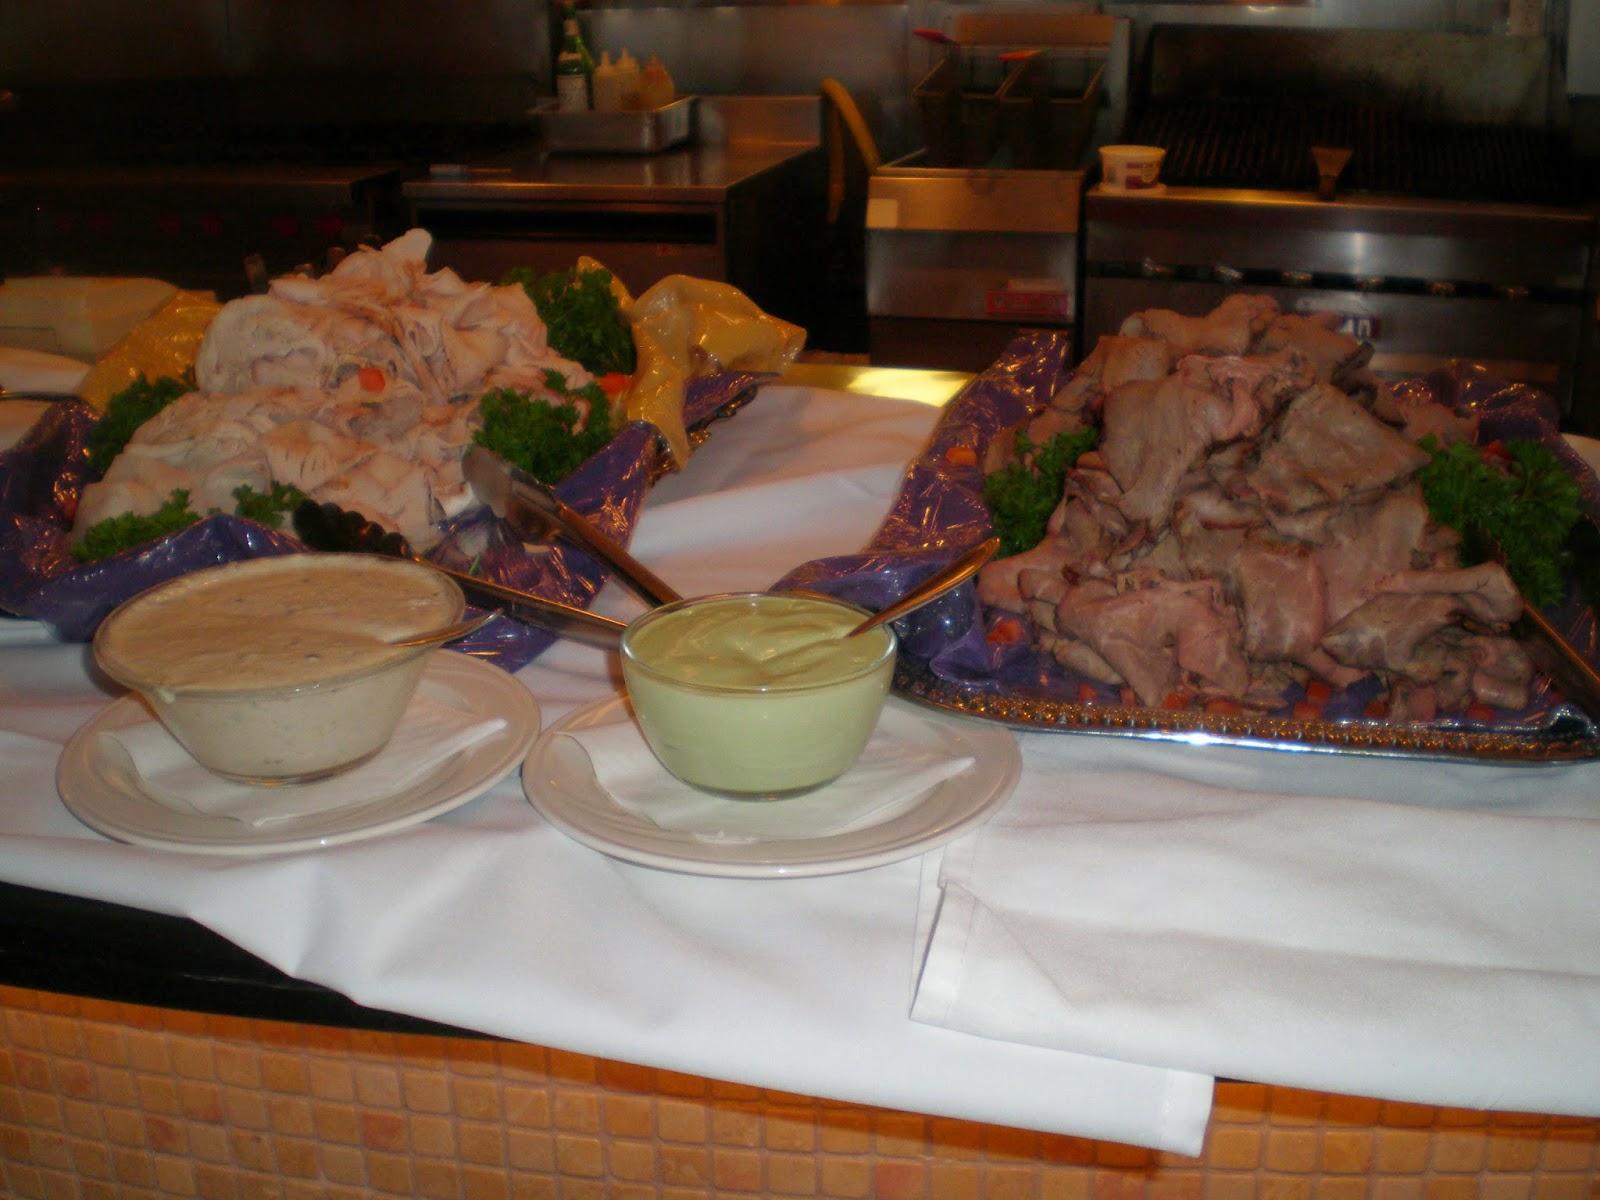 Restaurant success tips easter brunch dinner menu ideas for Easter brunch restaurant menus